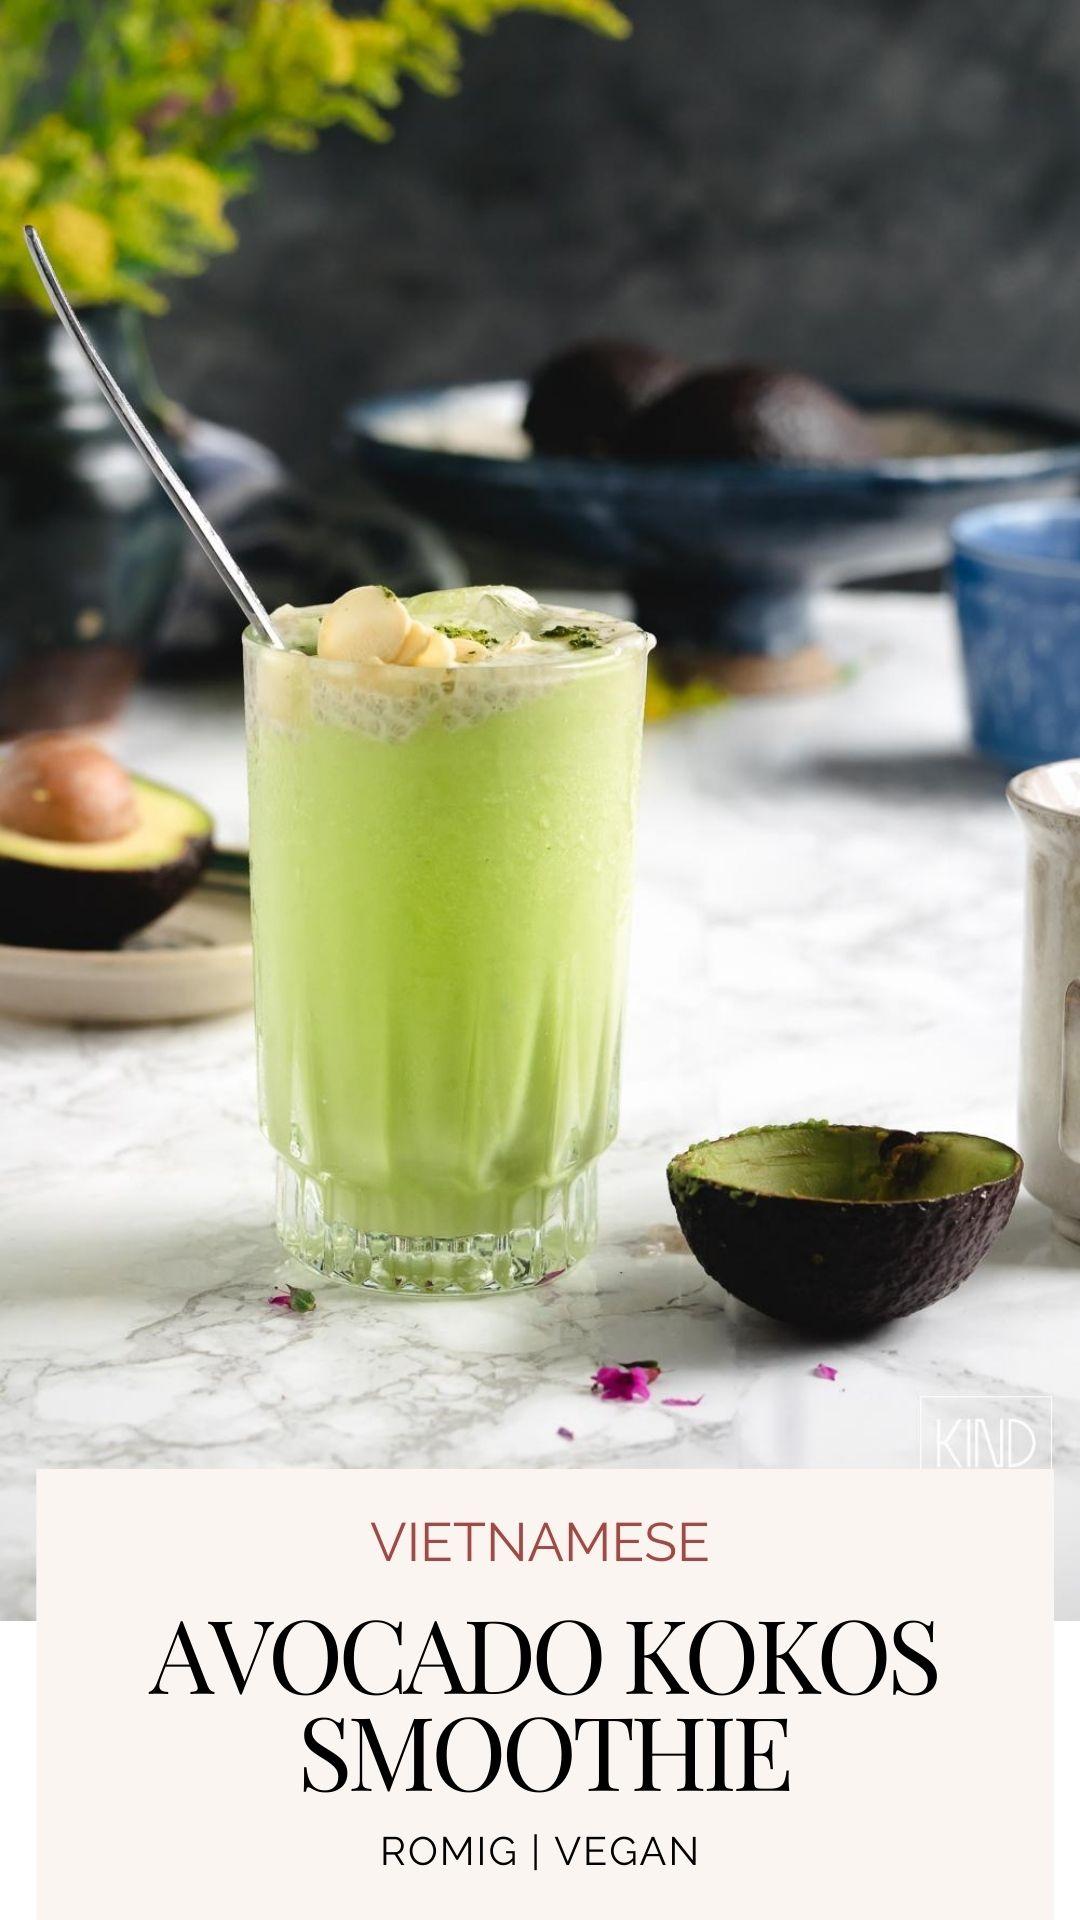 Vietnamese avocado en gecondenseerde kokosmelk smoothie? Wat mij betreft is dit een romig en zoet vegan toetje dat onder de categorie 'gezond' valt!